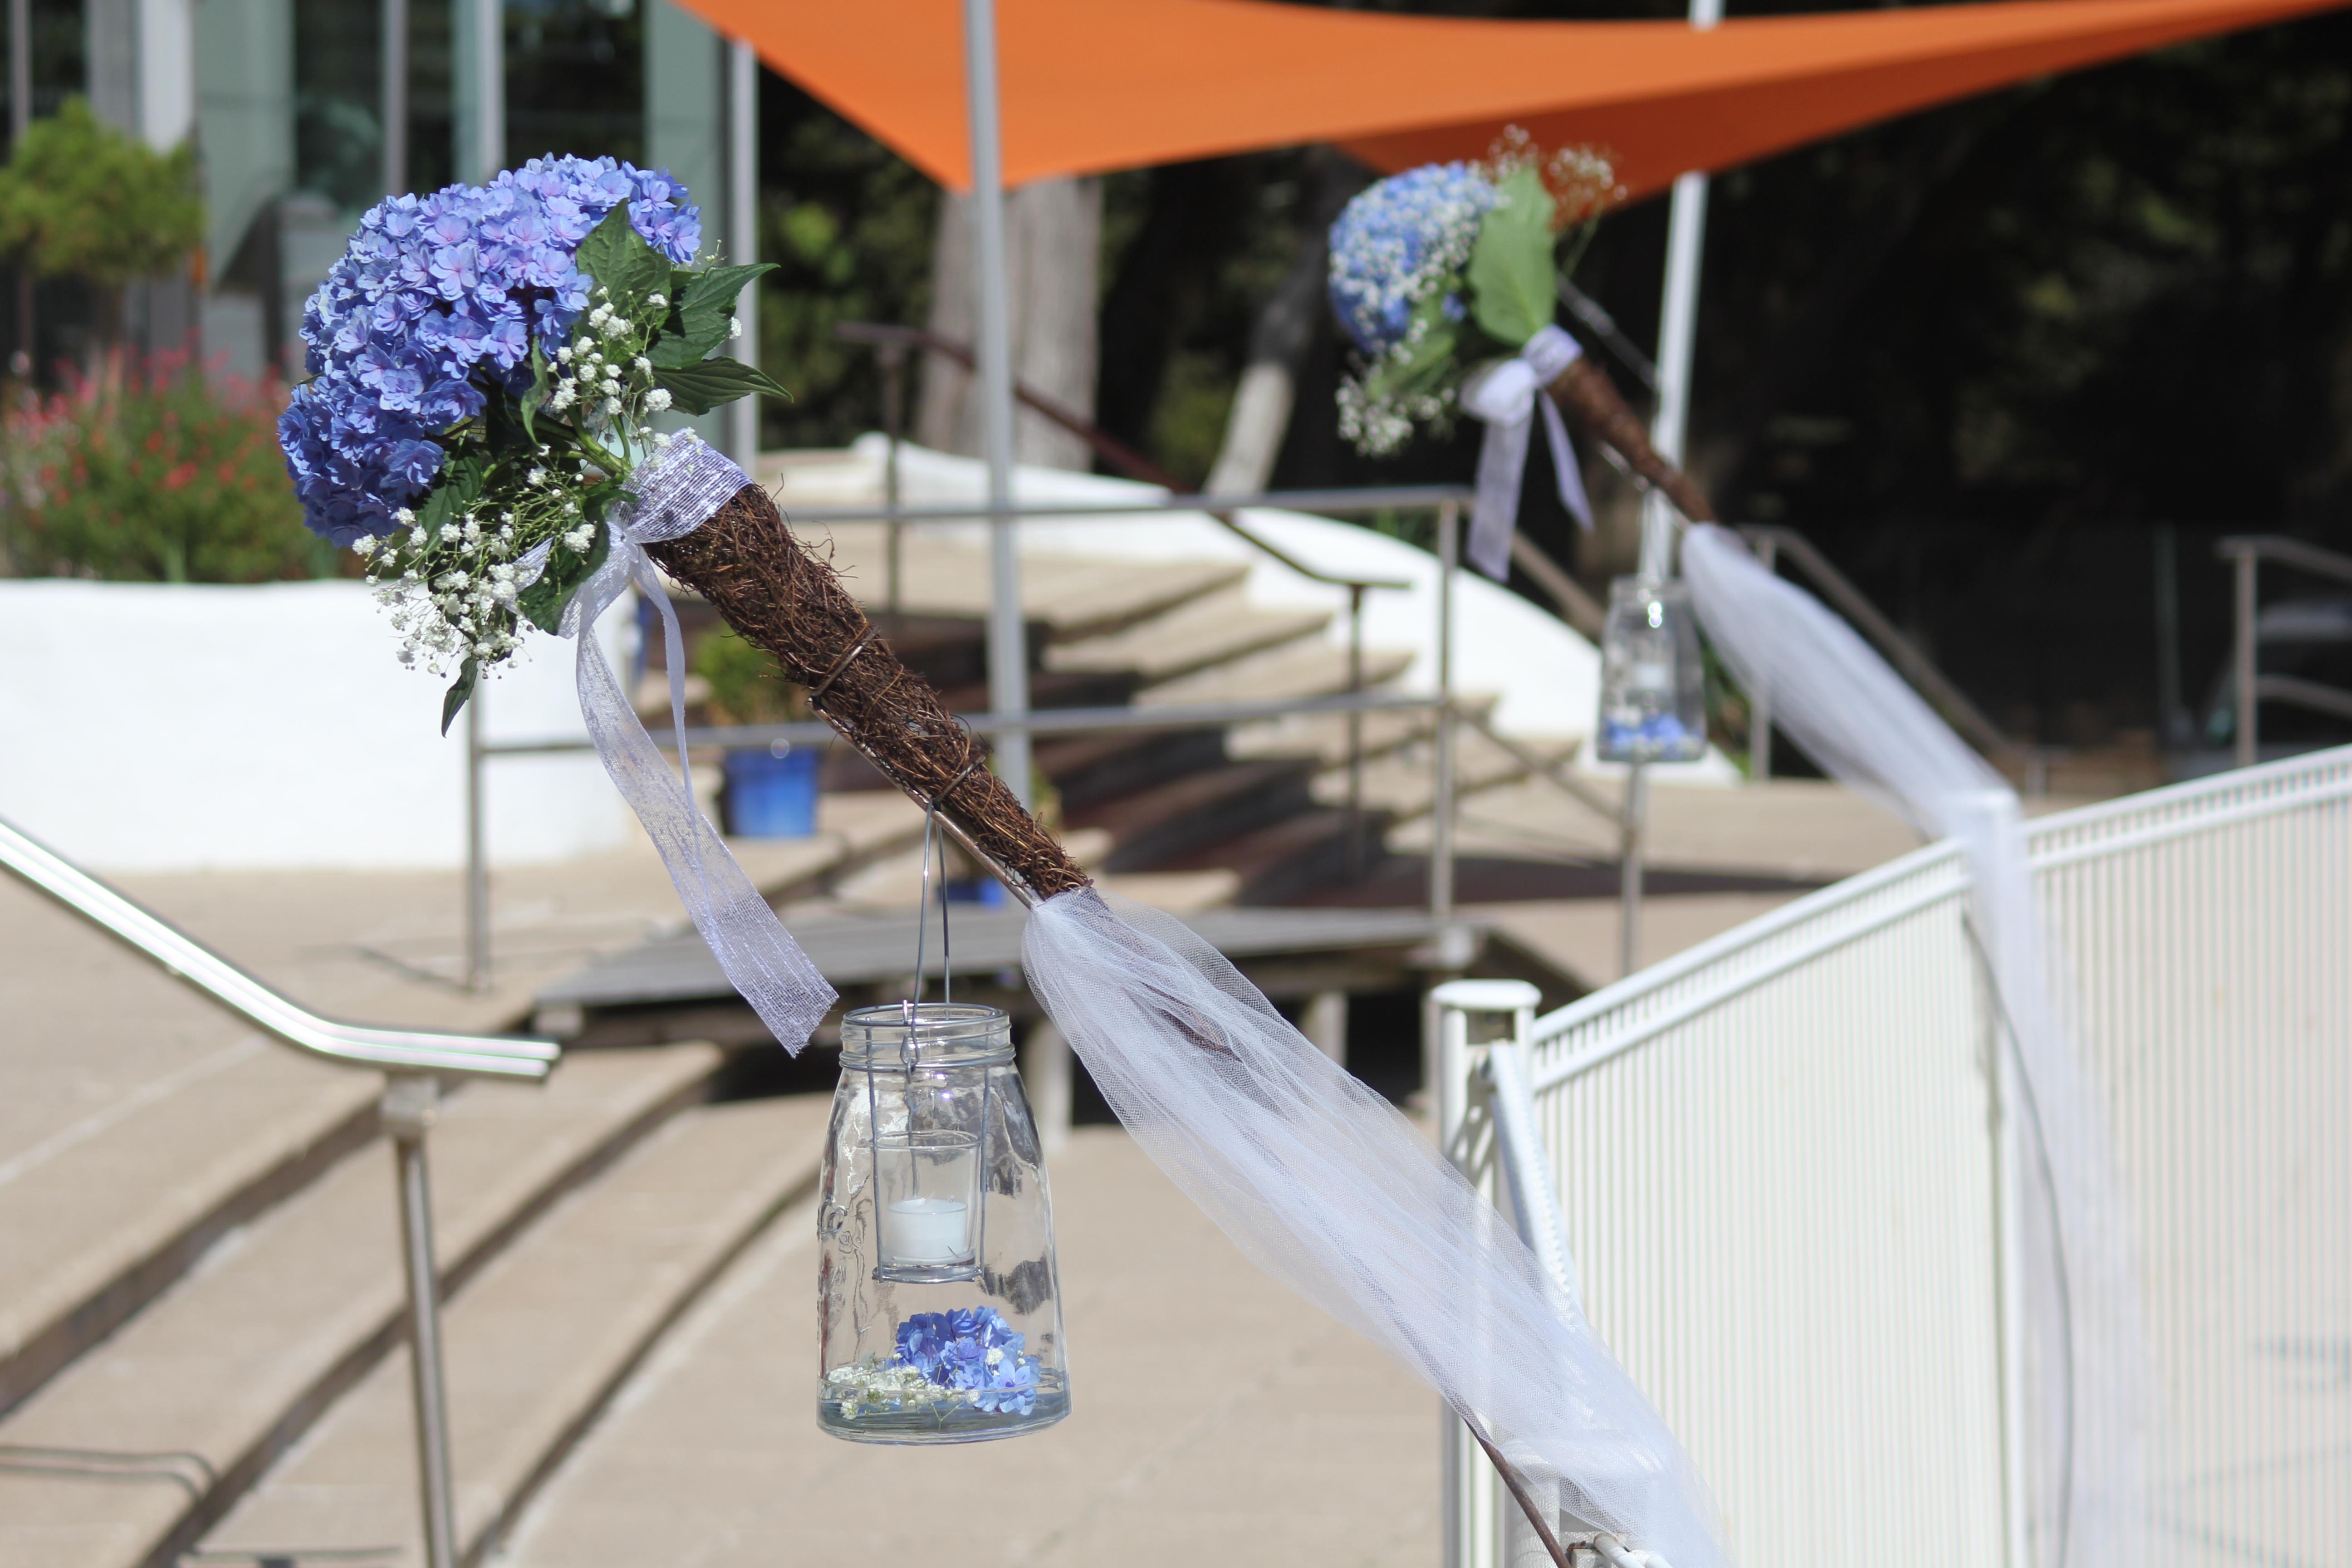 Décoration des barri!ères de la piscine _ hortensias bleus, gypsophile, ruban, tulle et photophores